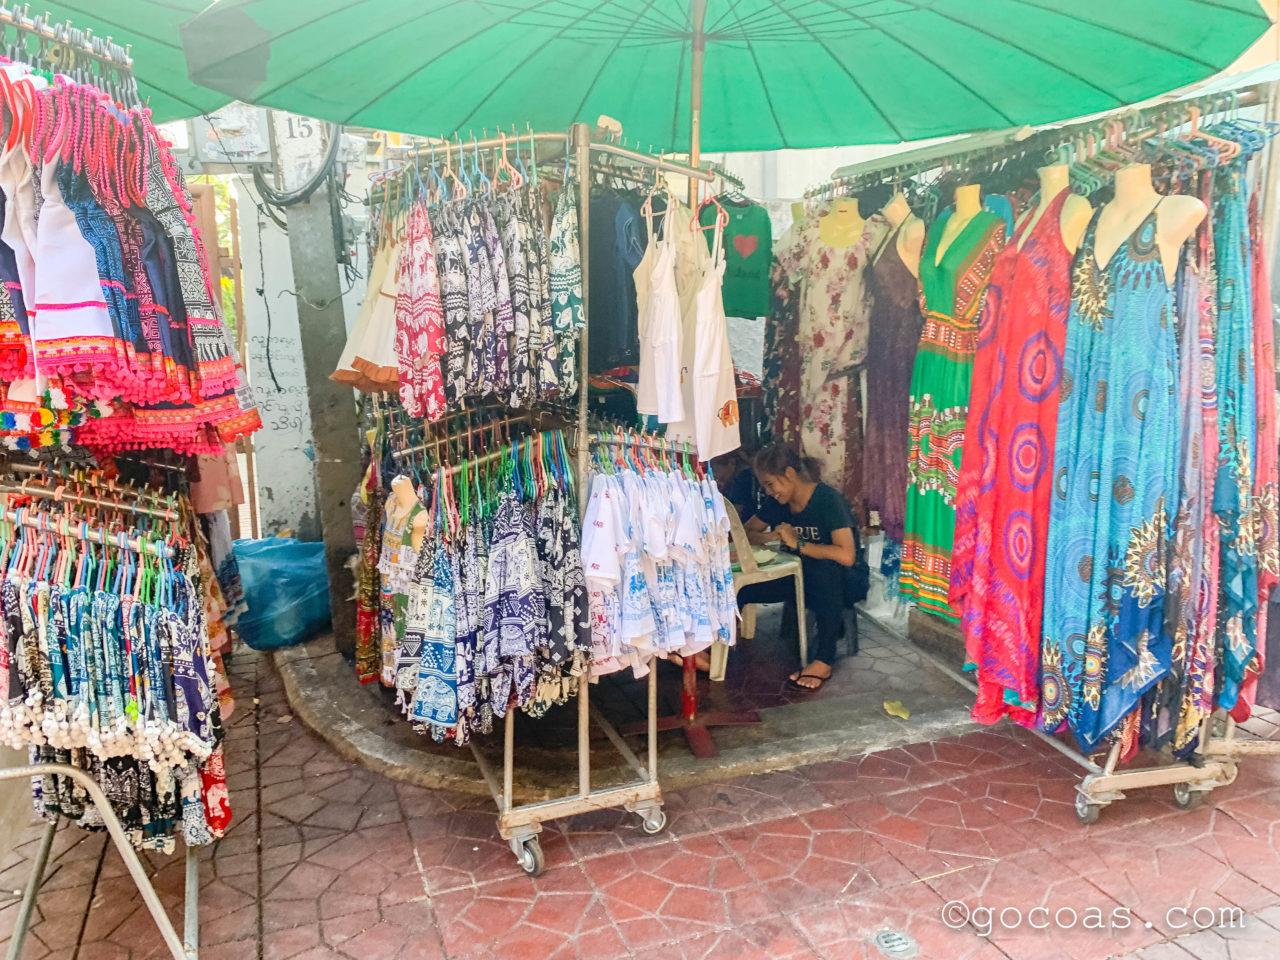 バンコクの街中にあった服の屋台